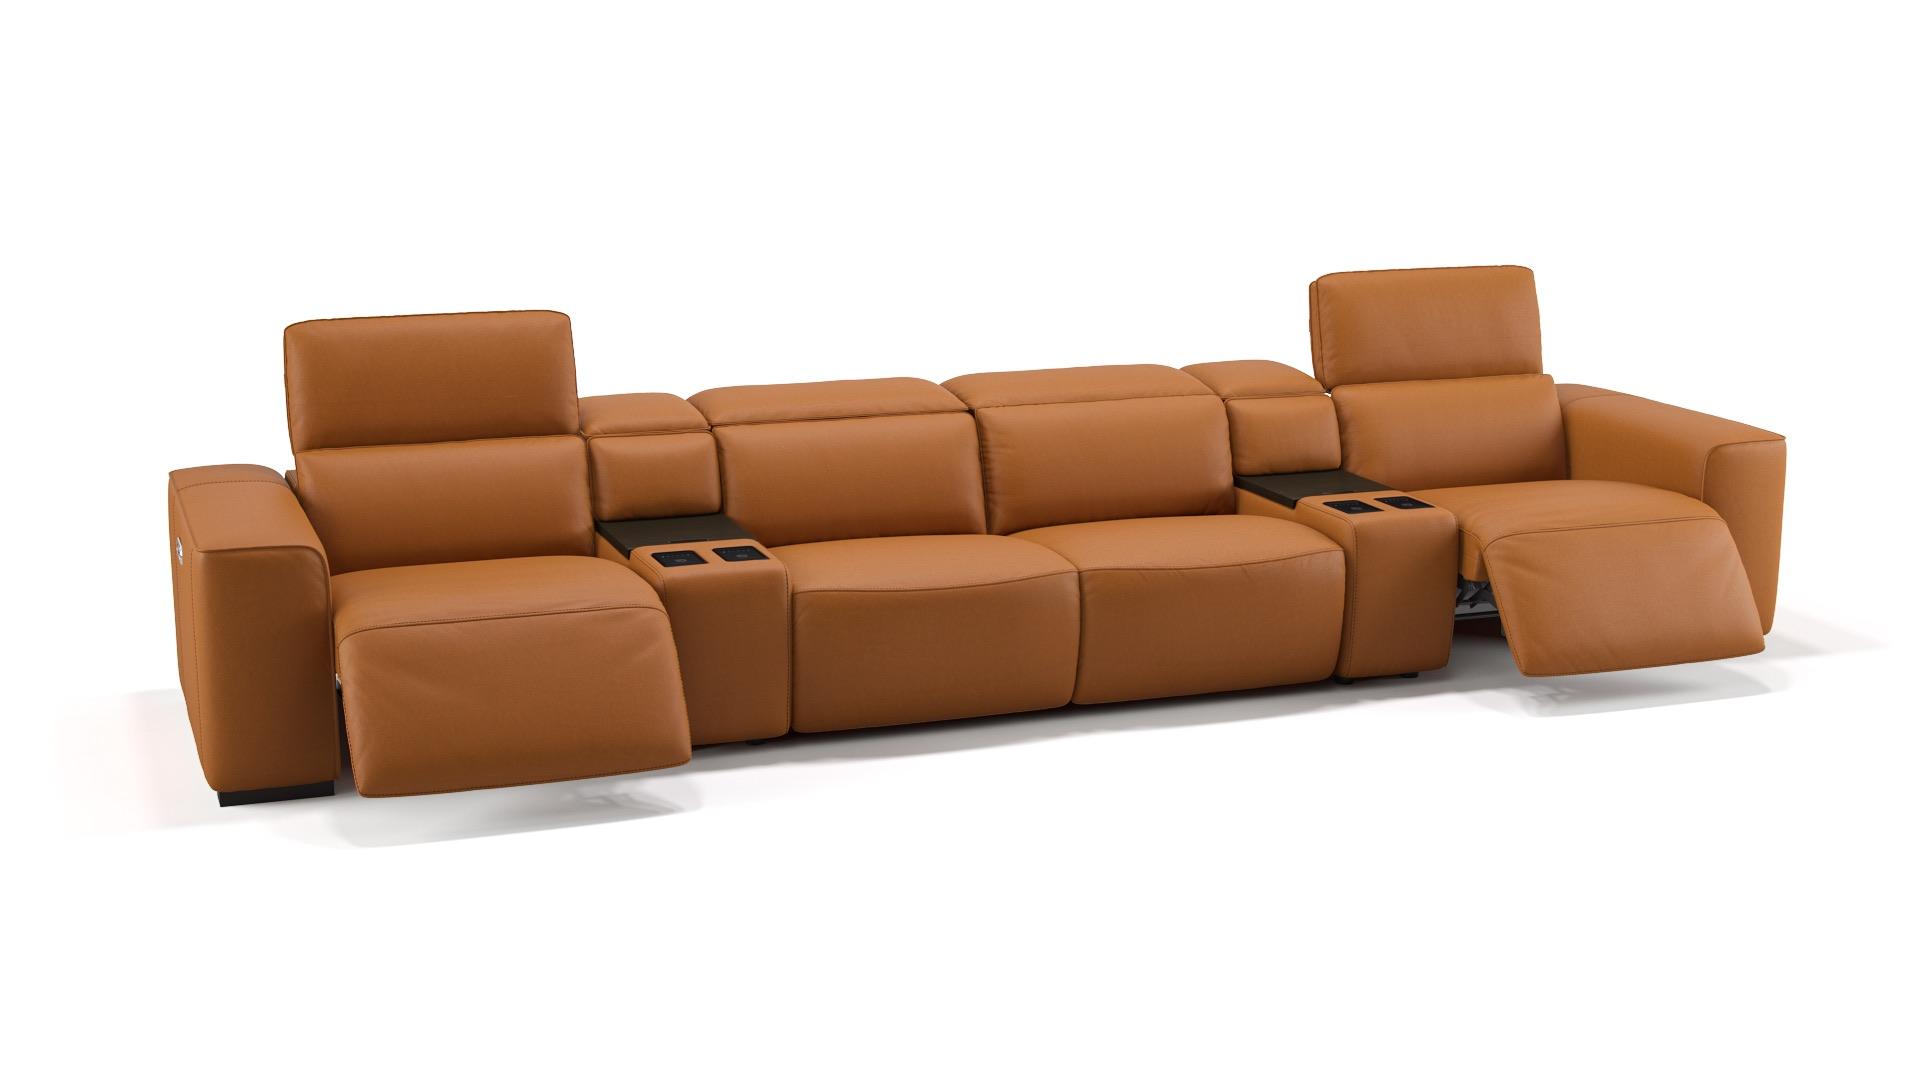 Leder 4-Sitzer Kinosofa mit zwei Mittelkonsolen BINETTO